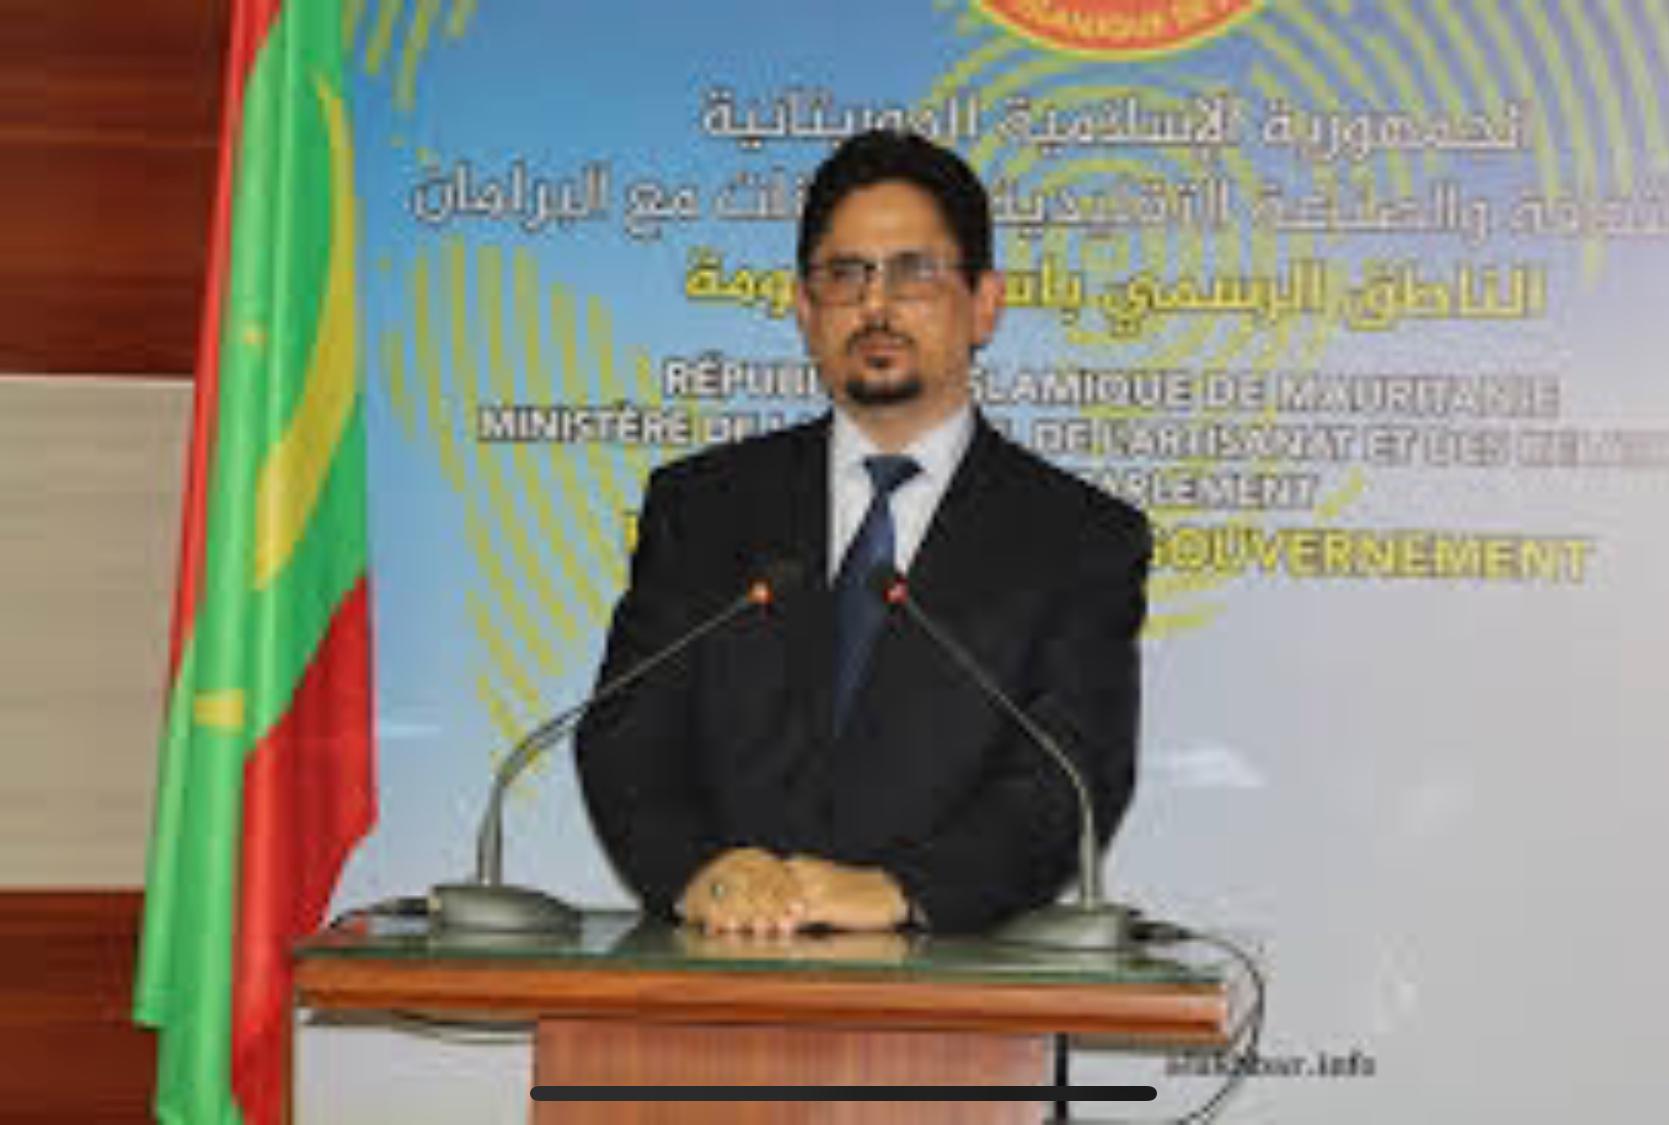 تطور لافت. موريتانيا تُرحبُ بإستعداد المغرب لحوار مباشر مع الجزائر